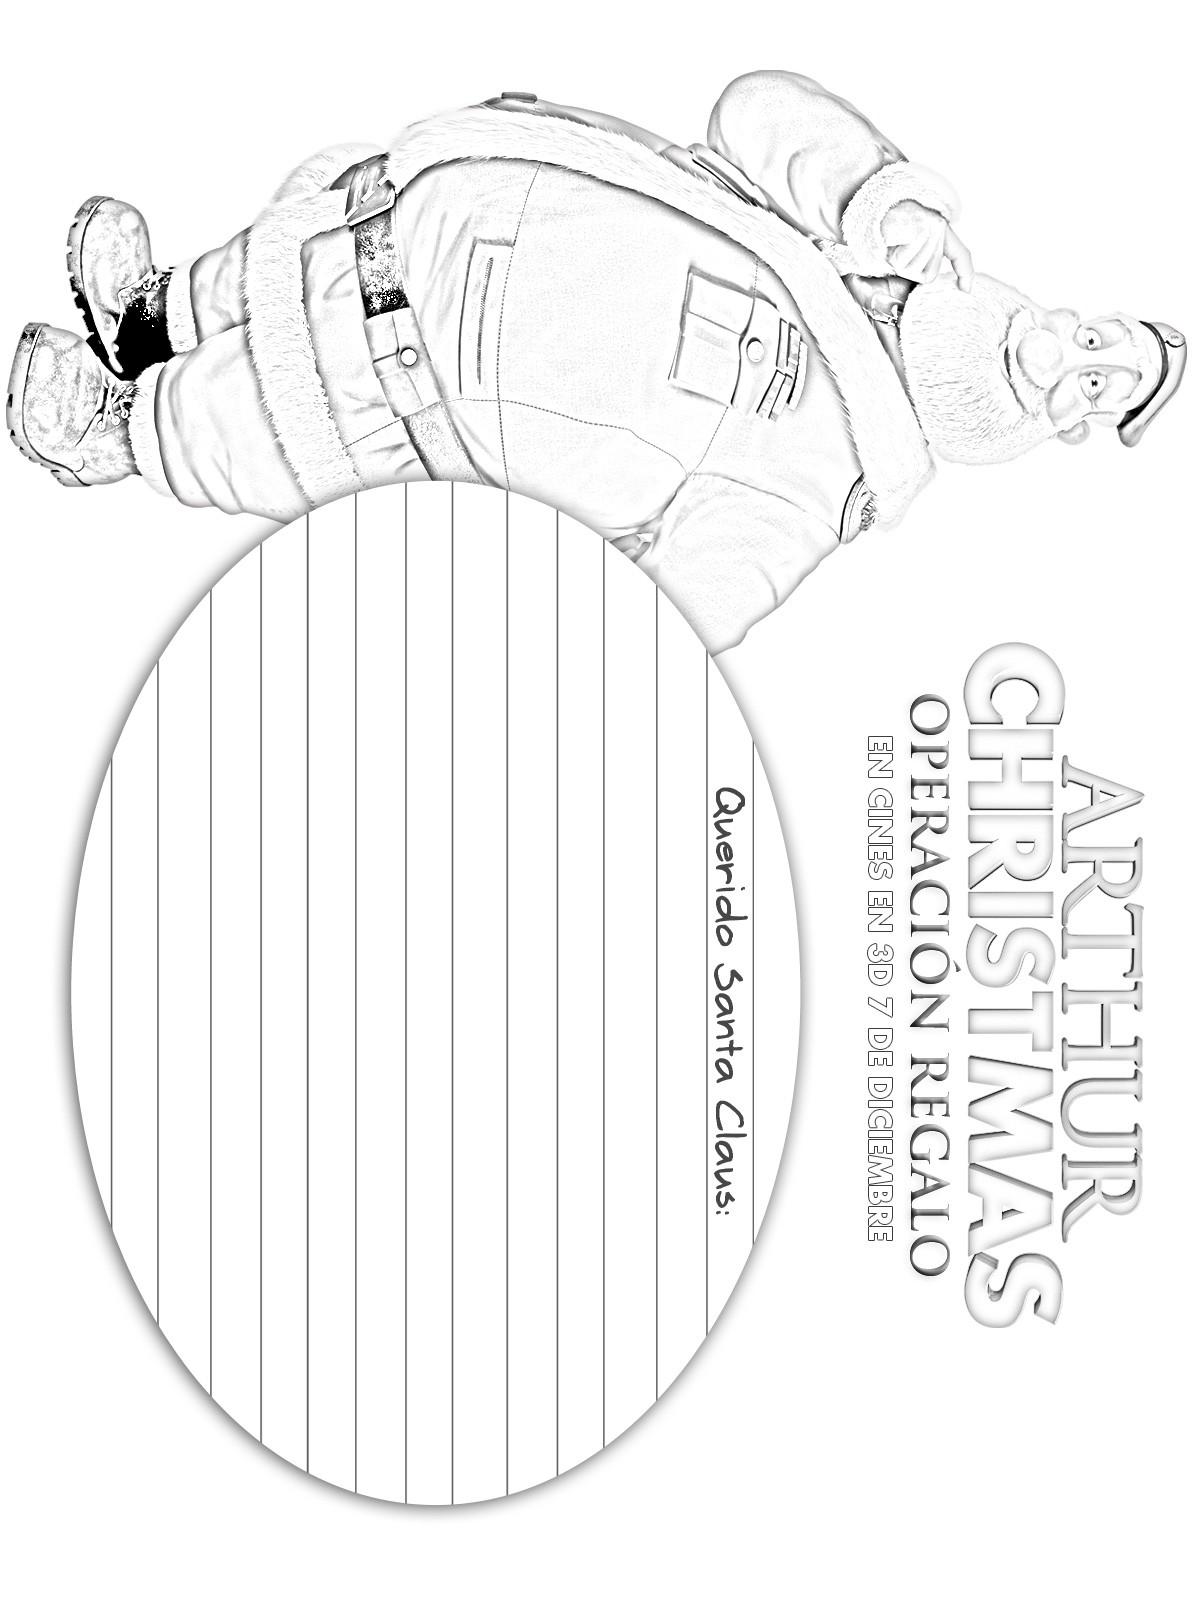 Dibujos de ARTHUR CHRISTMAS OPERACION REGALO para colorear